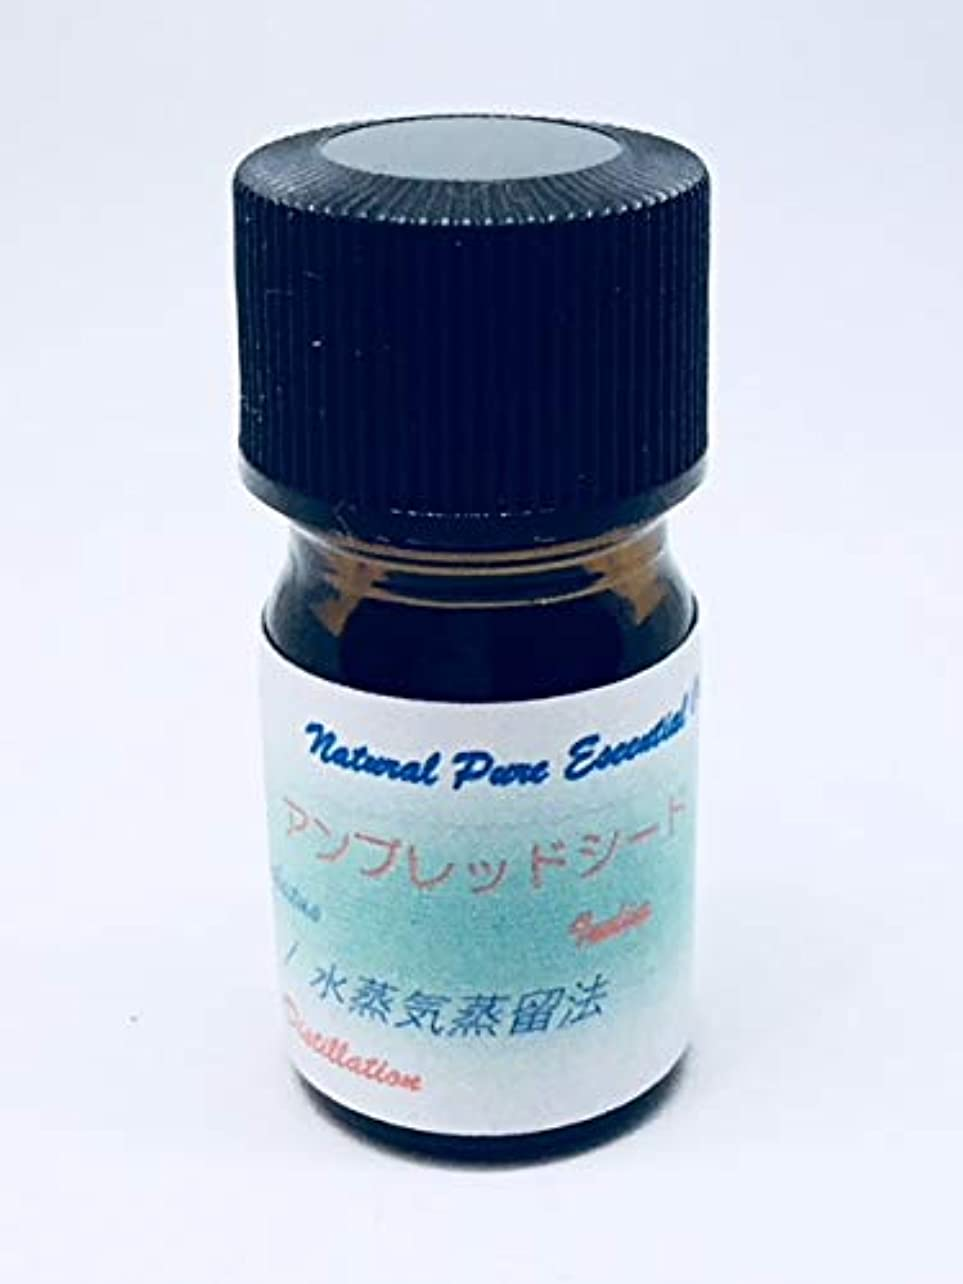 しがみつく感情の拮抗アンブレッドシード(植物性ムスク)精油 5ml100%ピュアエッセンシャル